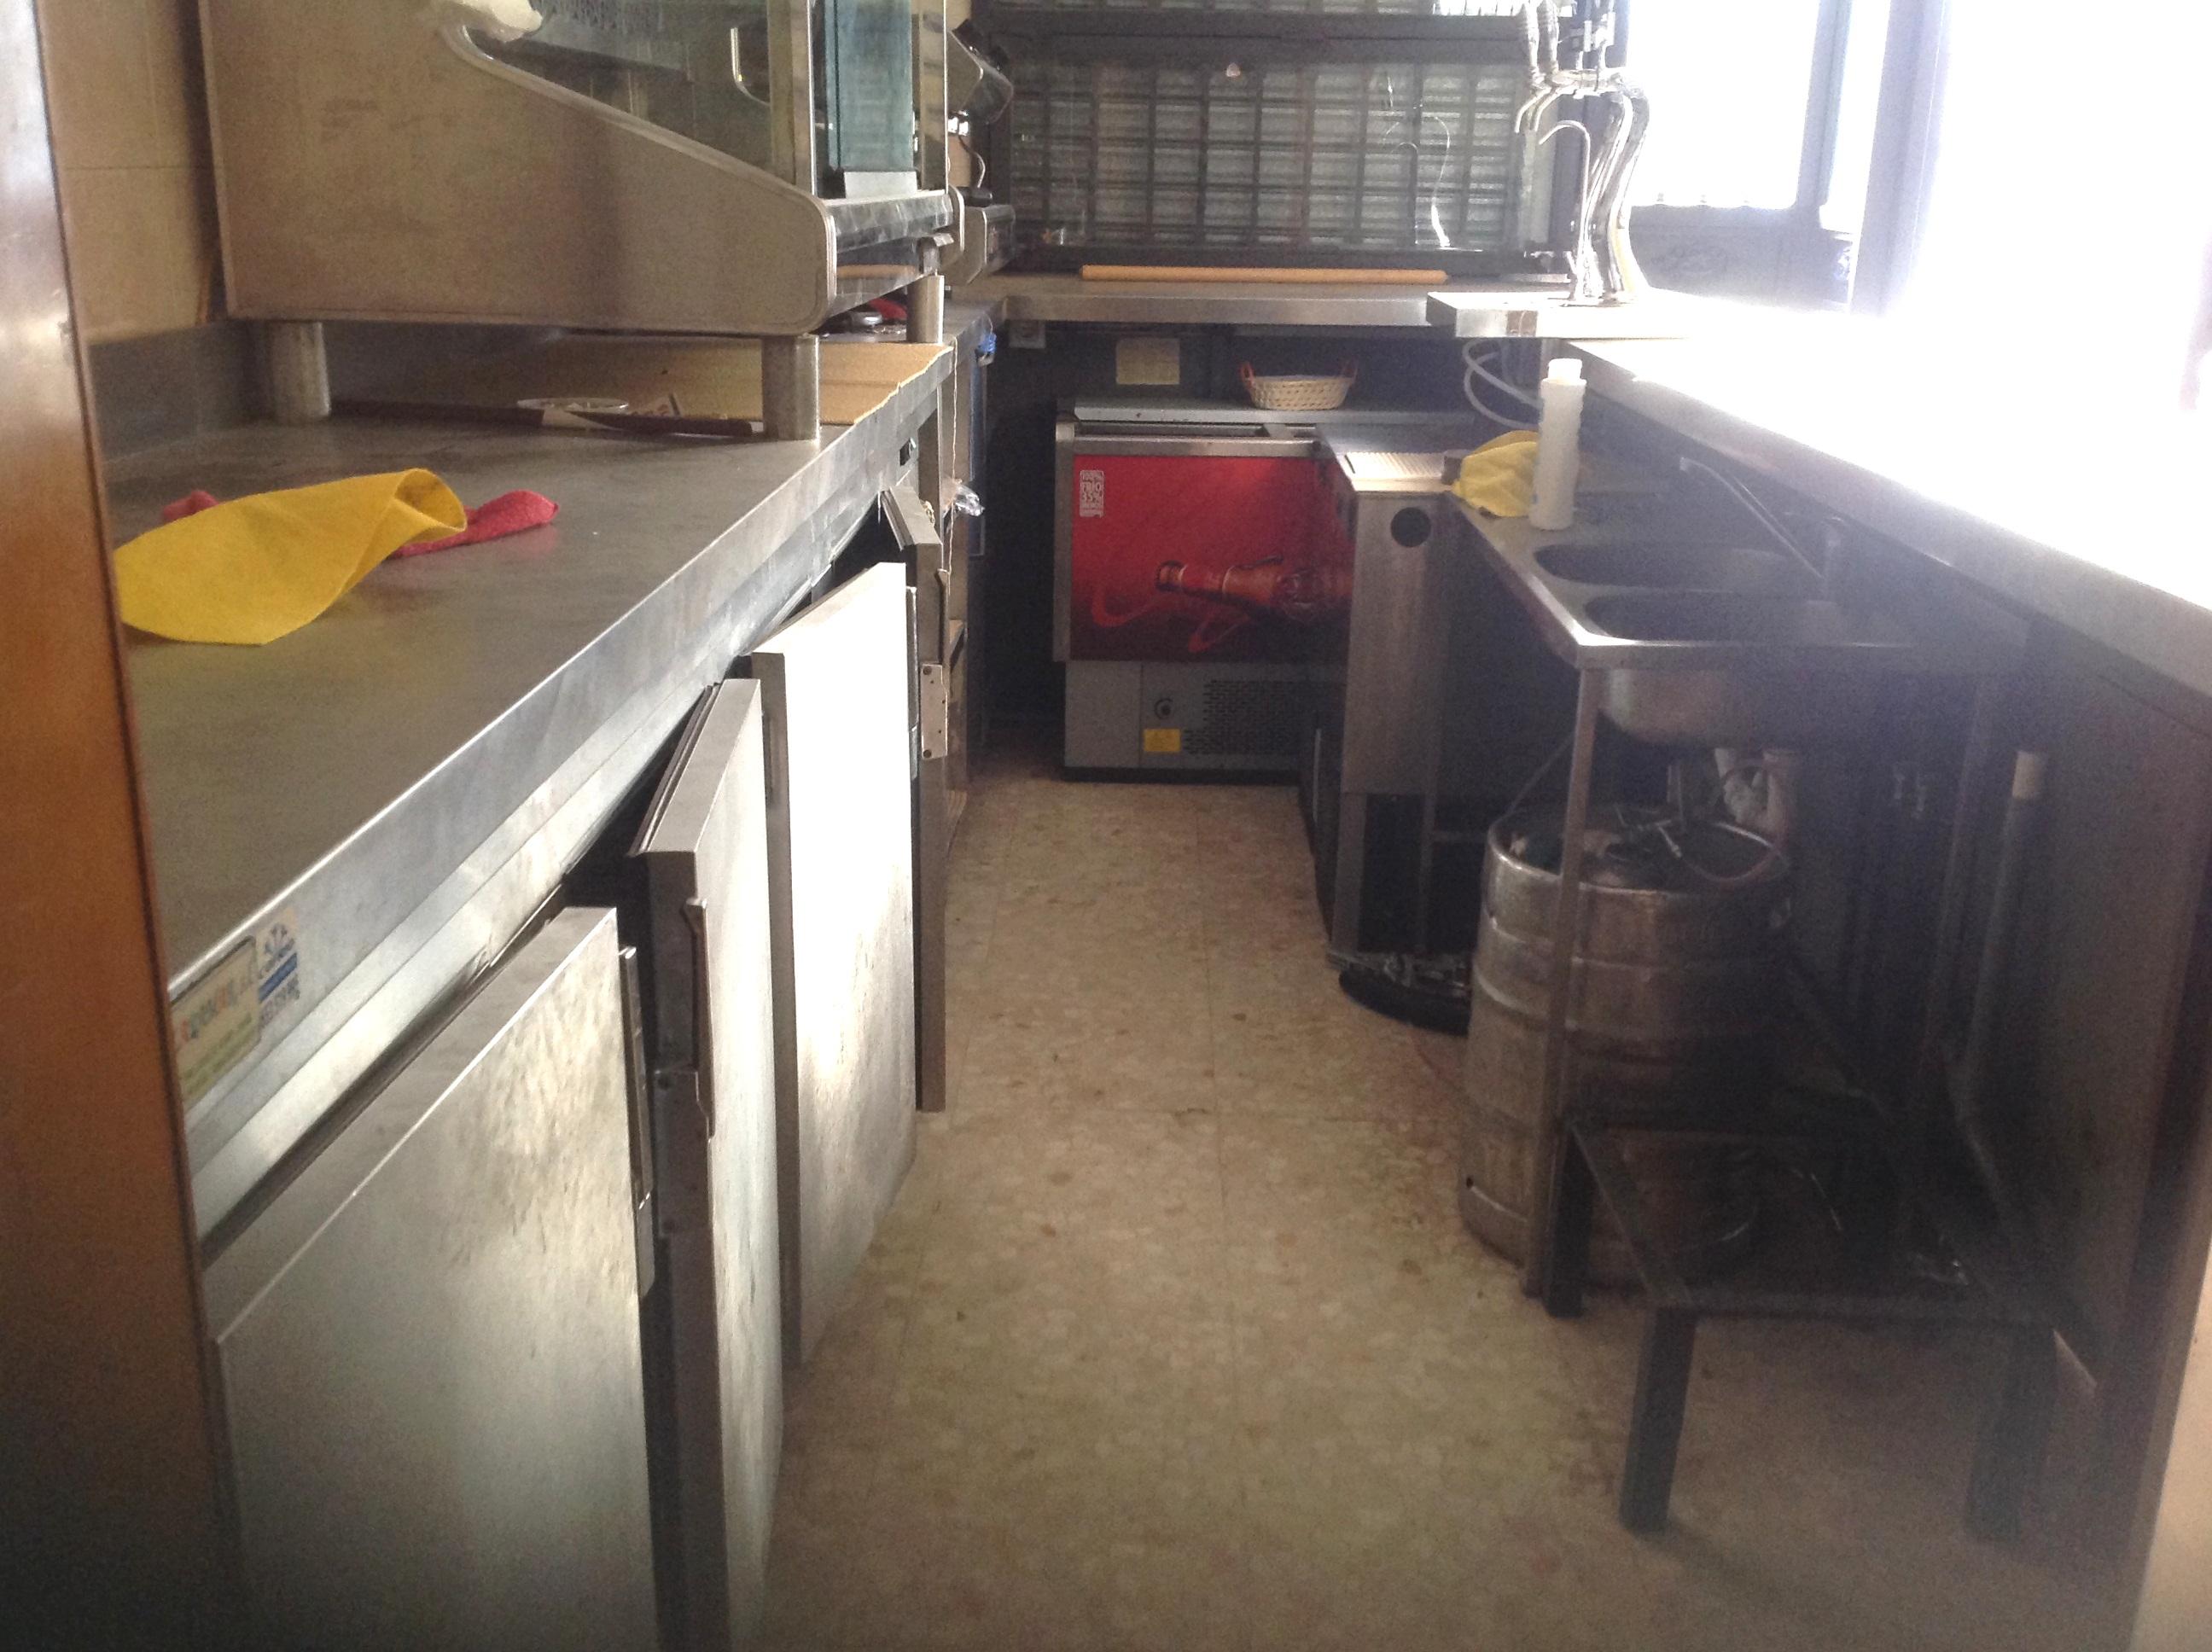 bar-en-alquiler-en-sevilla-con-buena-cocina-4 - BARES EN ALQUILER CIRSA